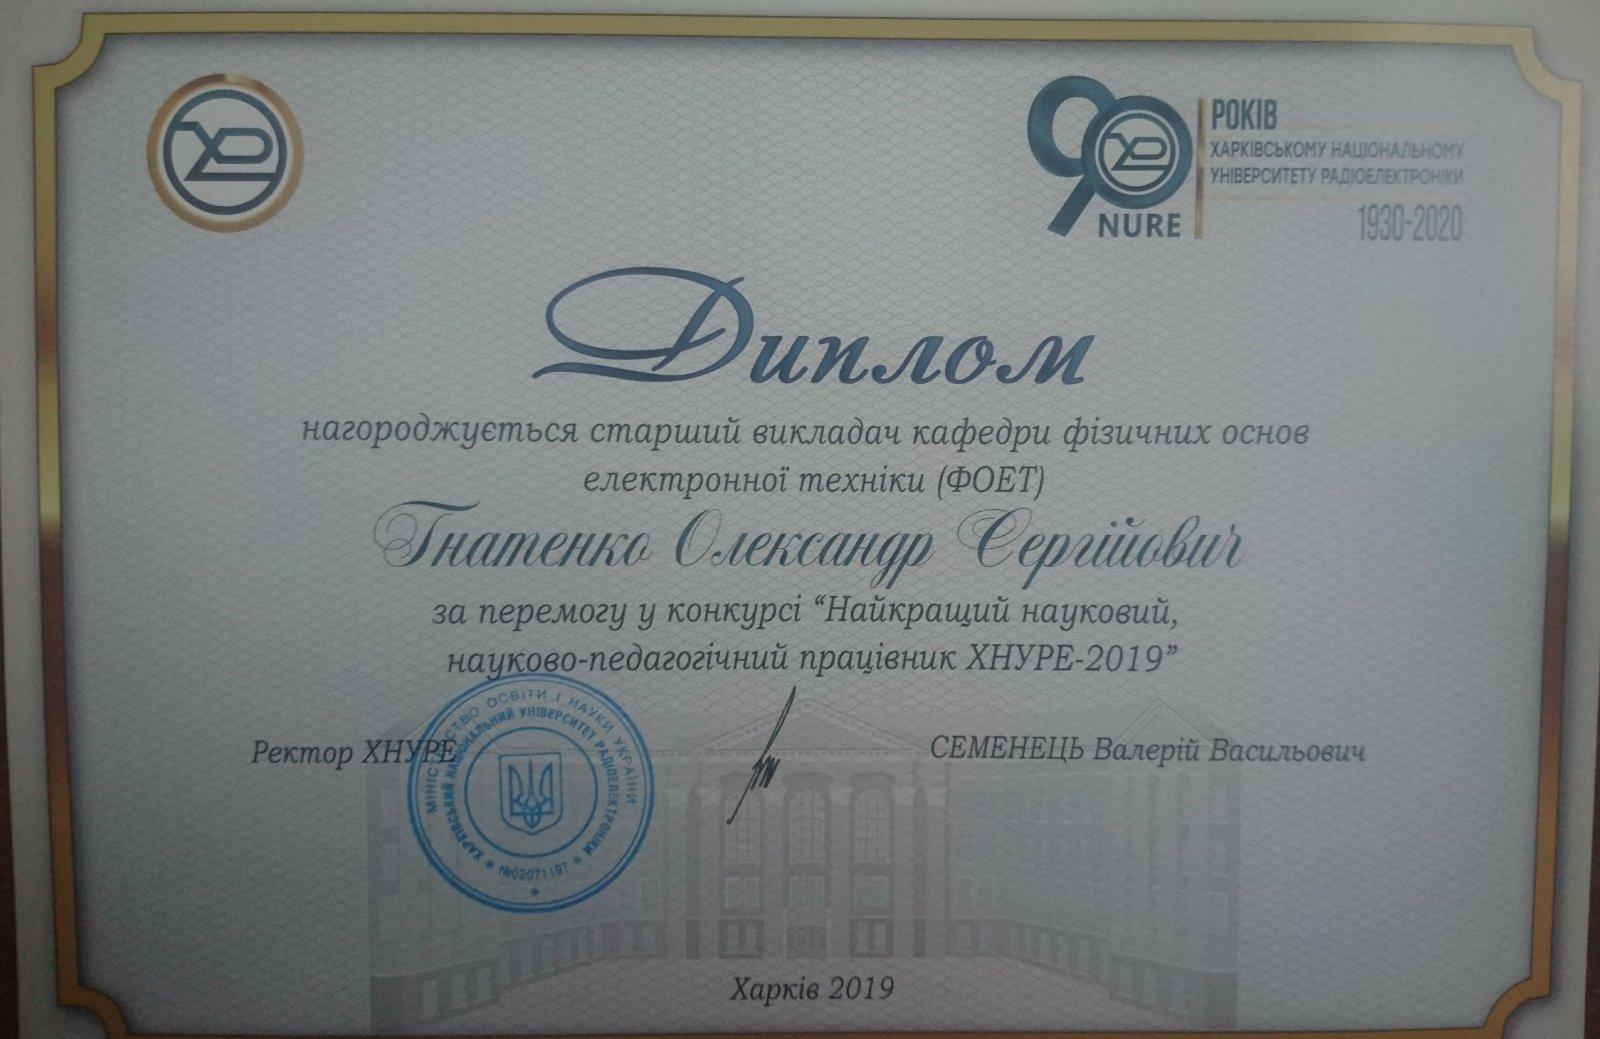 Вітаємо Гнатенка Олександра Сергійовича з перемогою у конкурсі